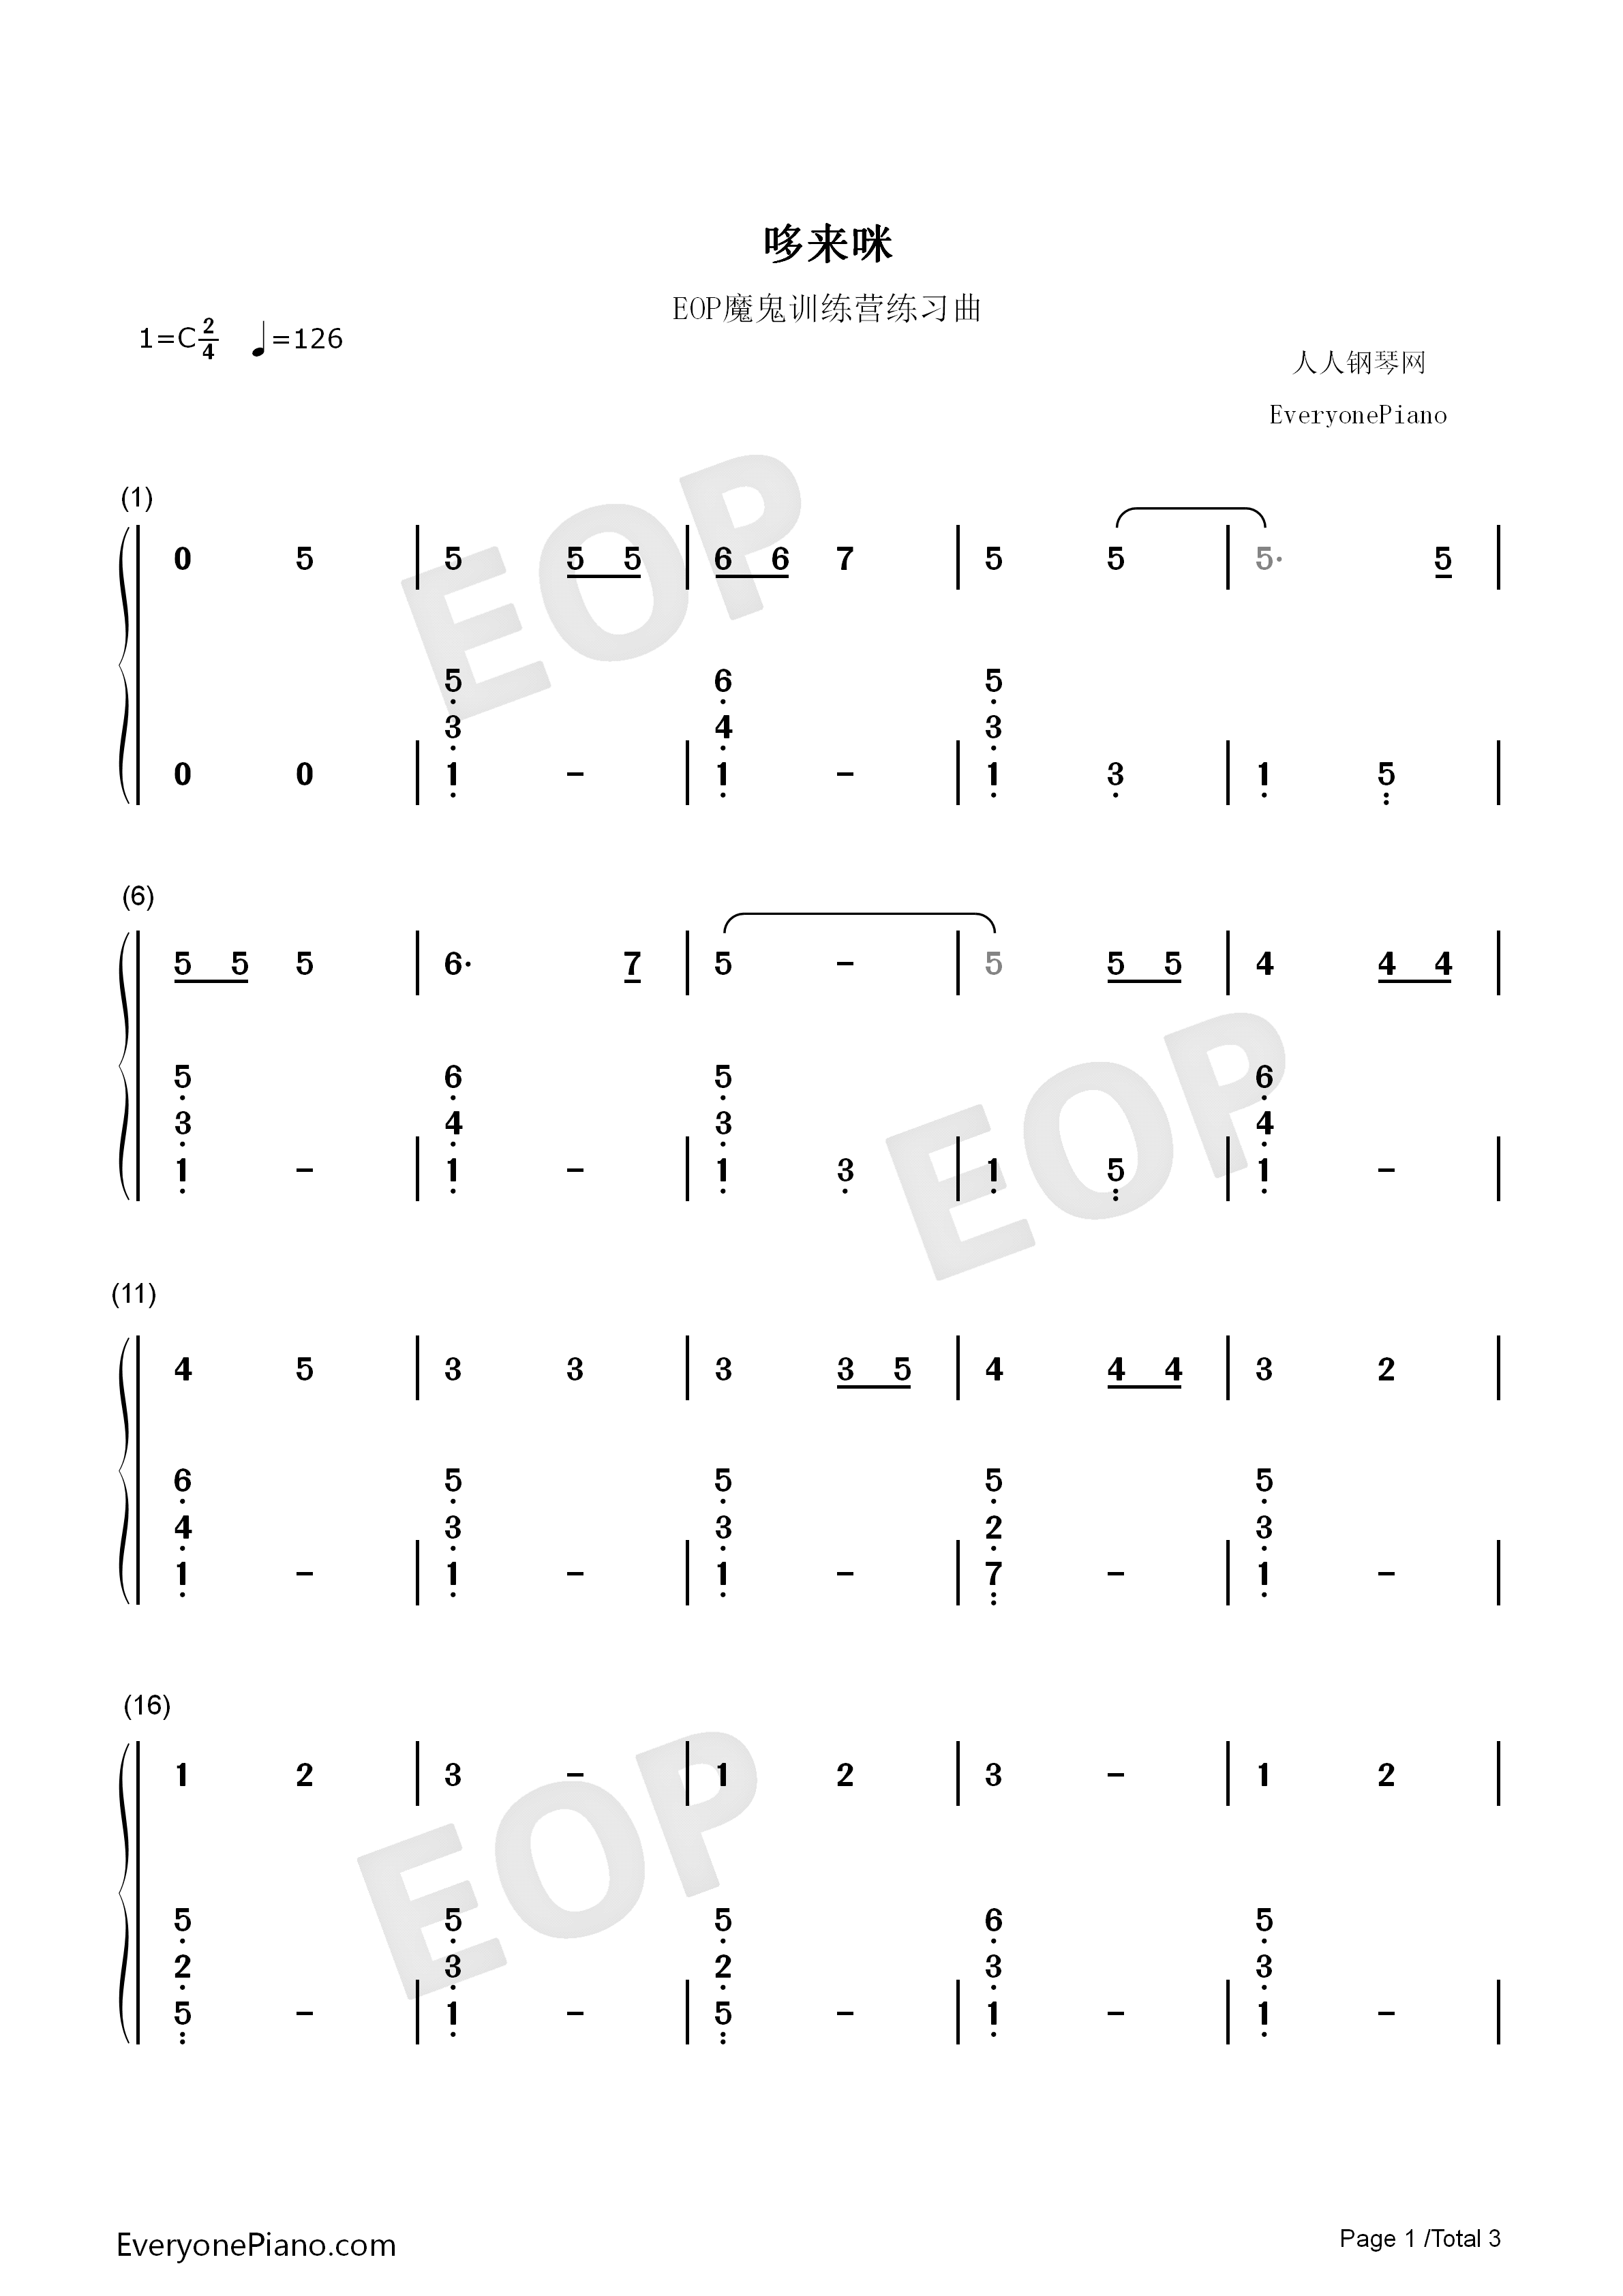 ドレミのうた-The Sound of Music-EOP魔鬼訓練営両手略譜プレビュー1